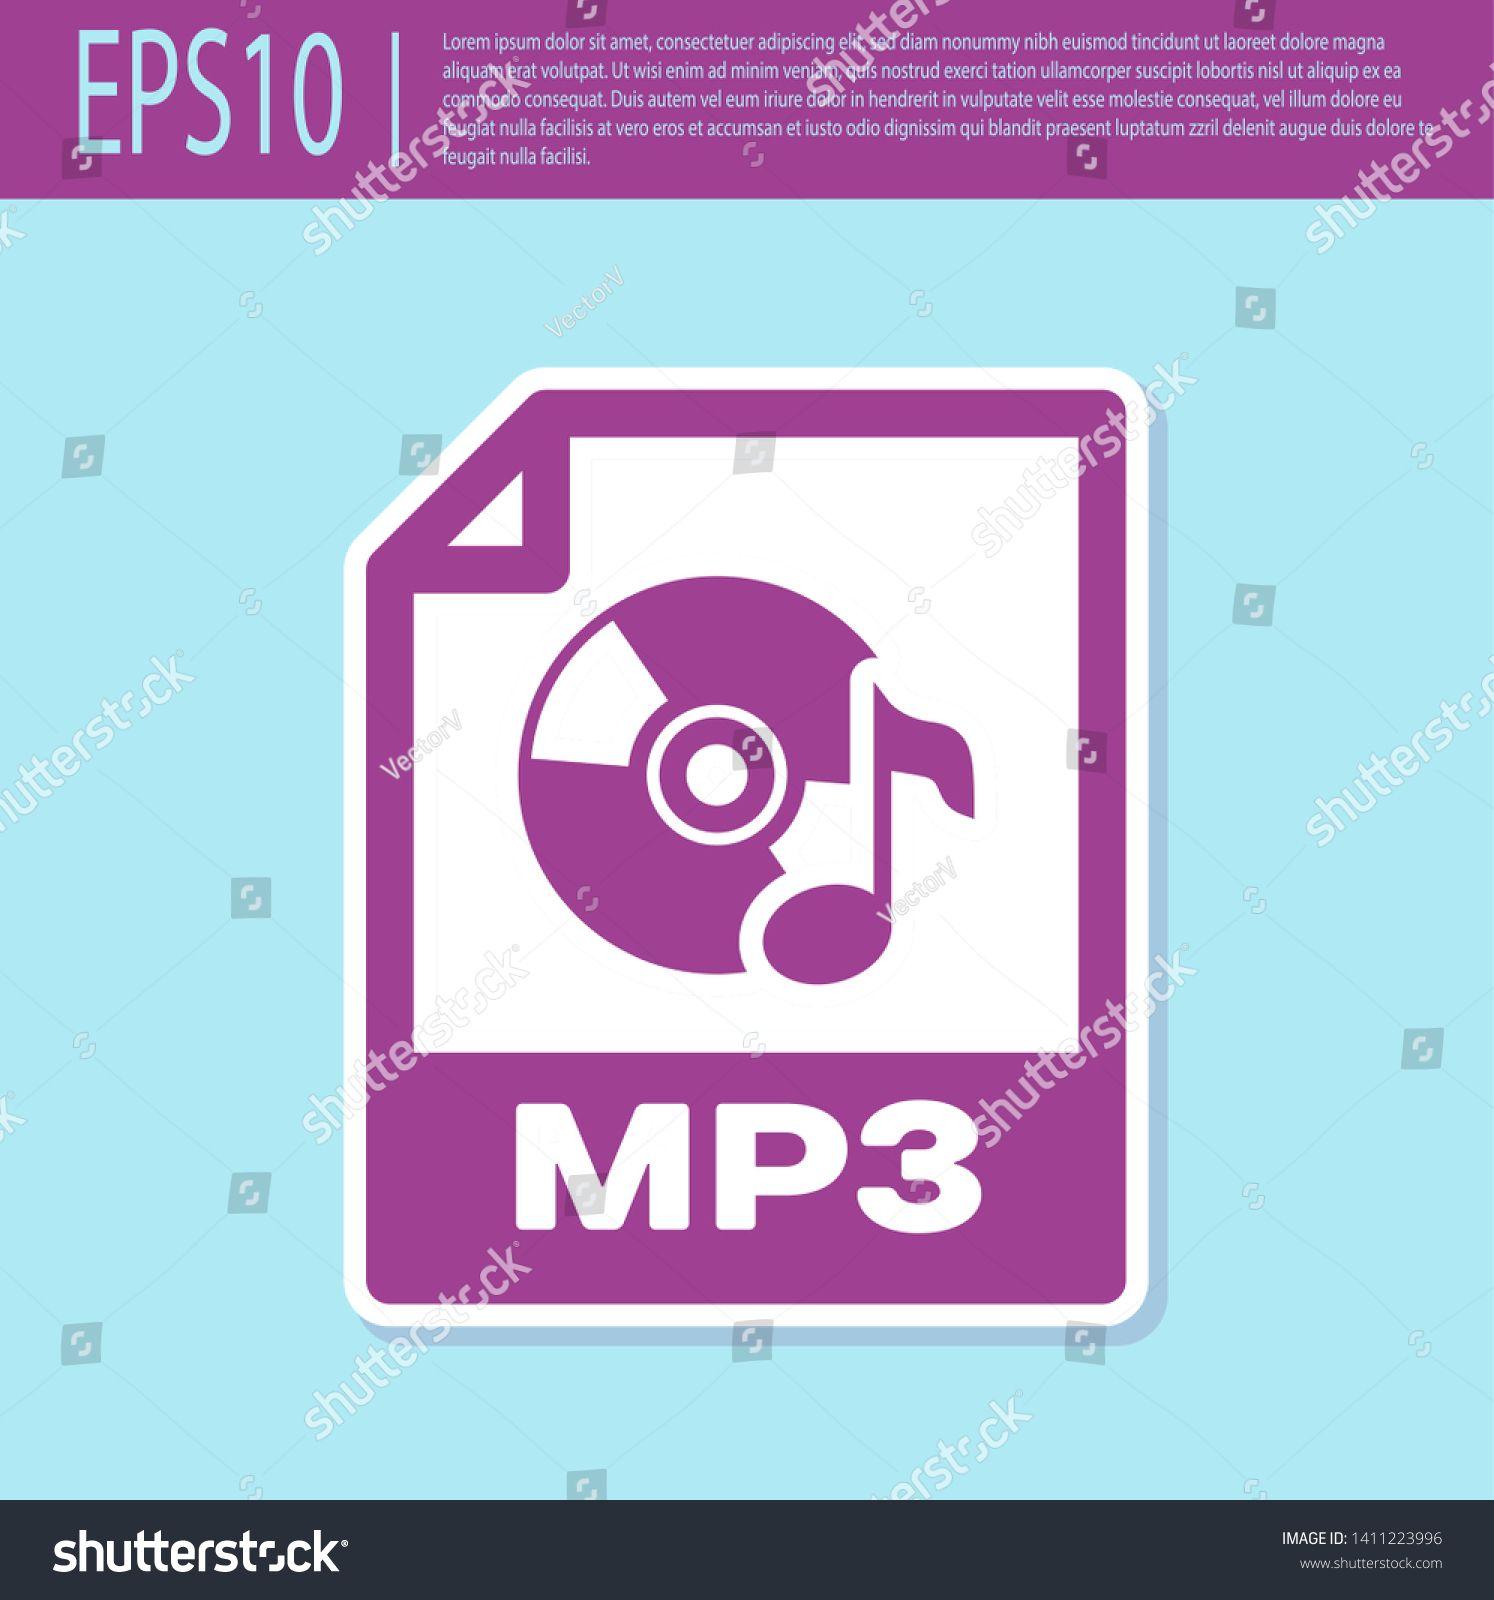 Retro purple MP3 file document icon. Download mp3 button